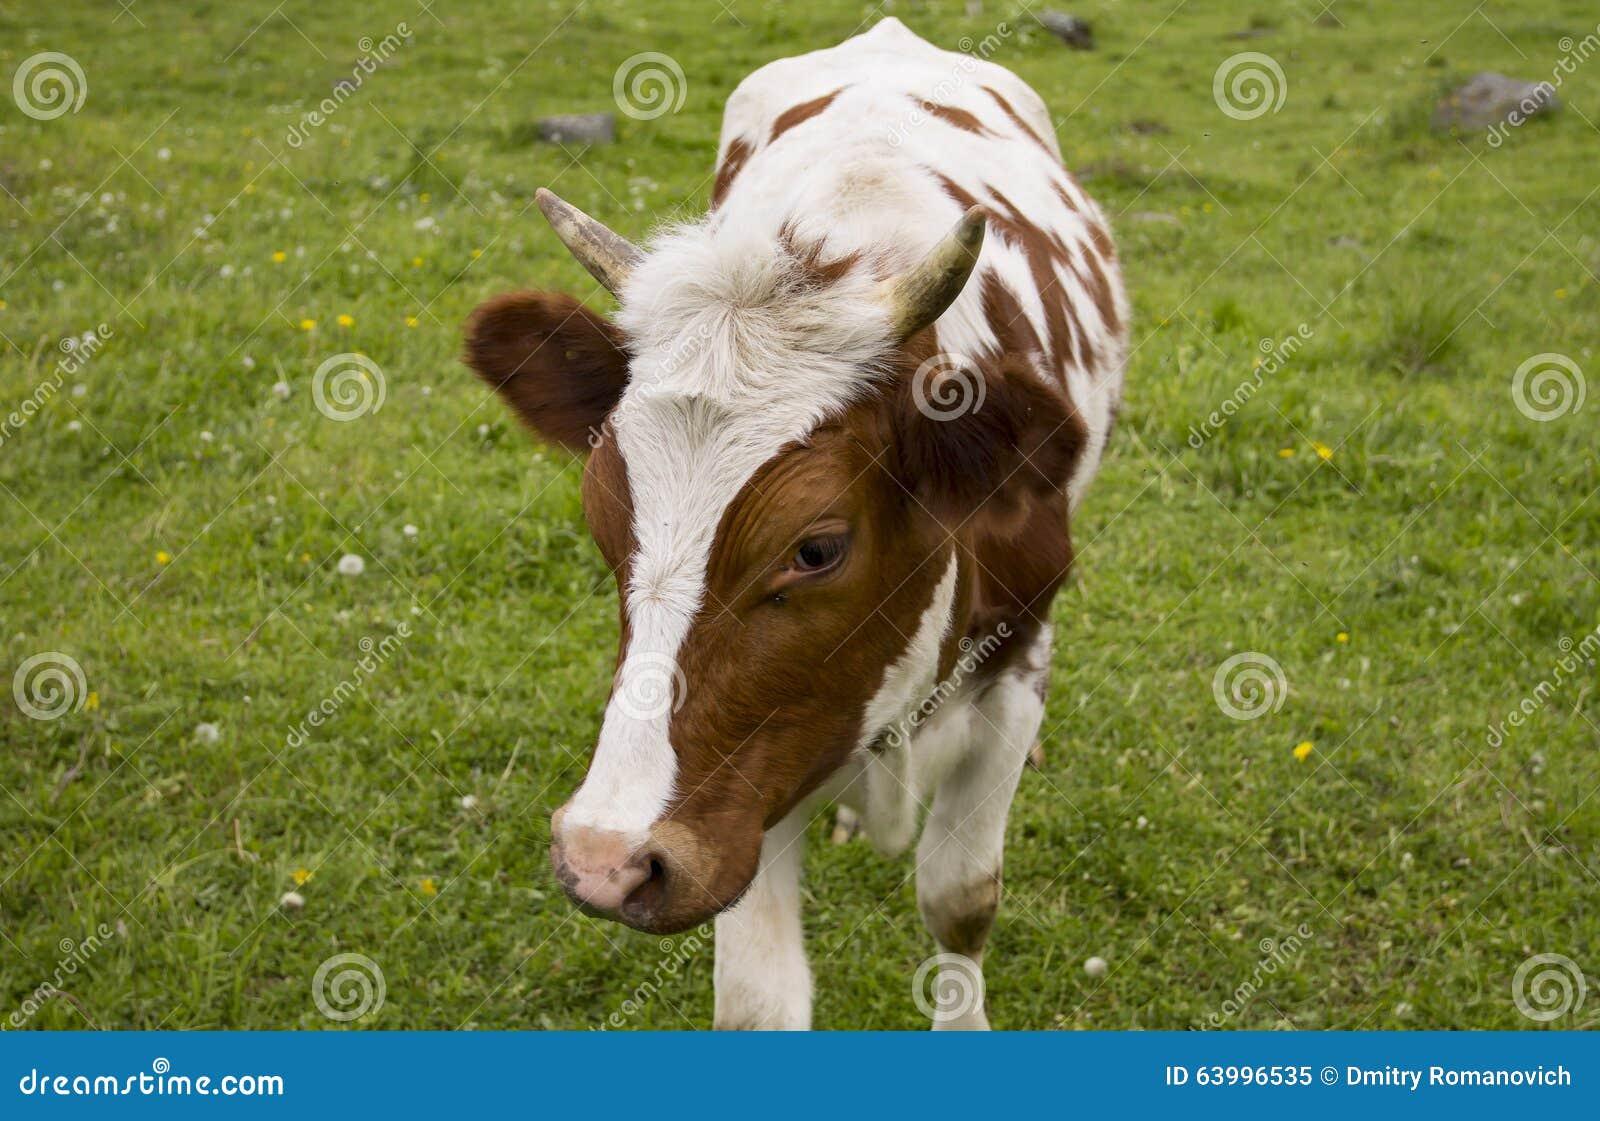 Jeune vache avec la coupe de cheveux dr le image stock image du agriculture laiterie 63996535 - Photo de vache drole ...